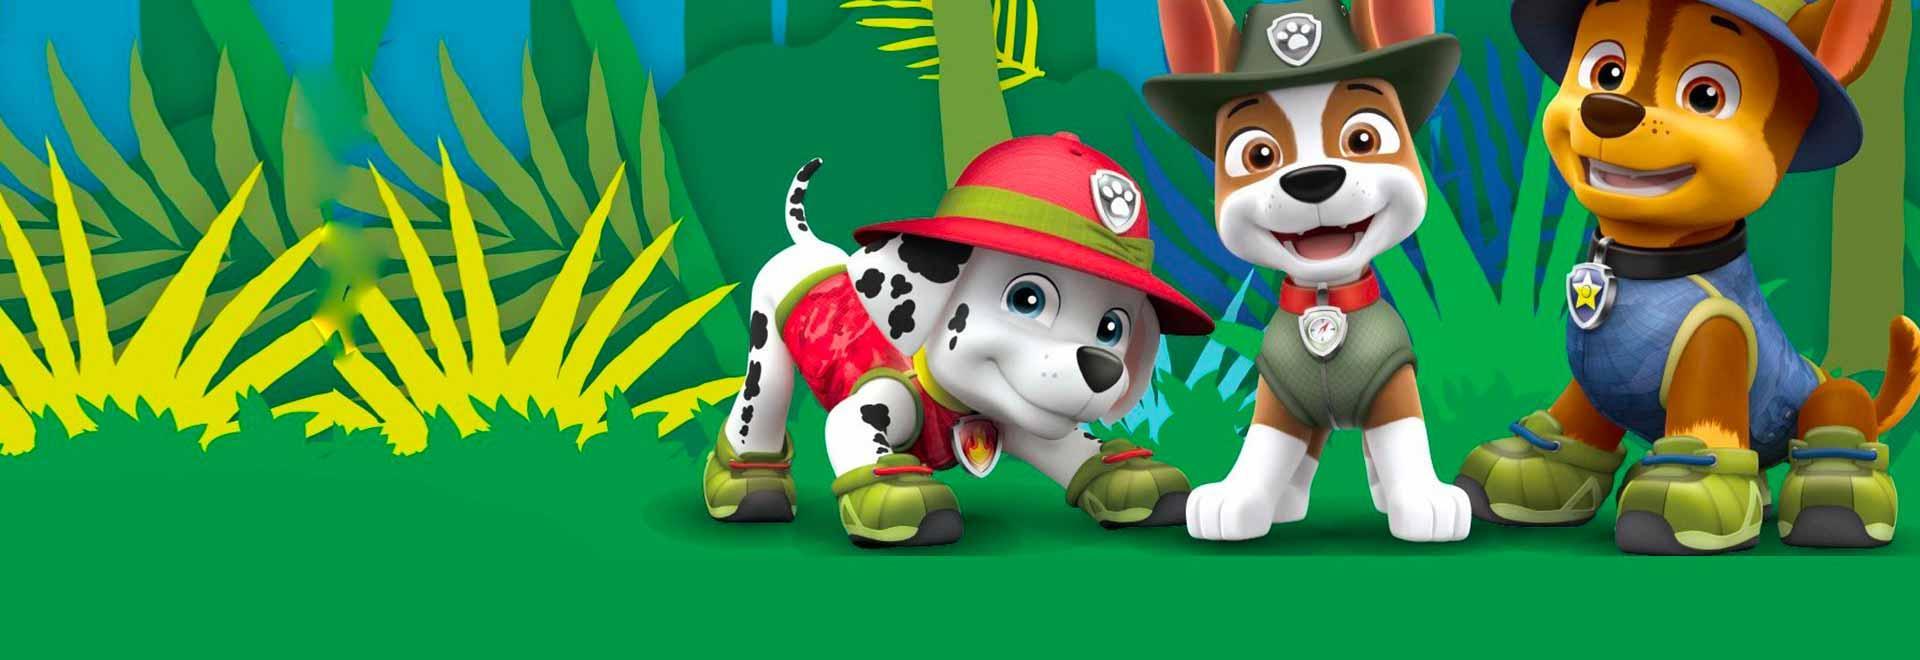 Il cuccioli salvano la mini-patrol di Alex / I cuccioli salvano un dentino perduto